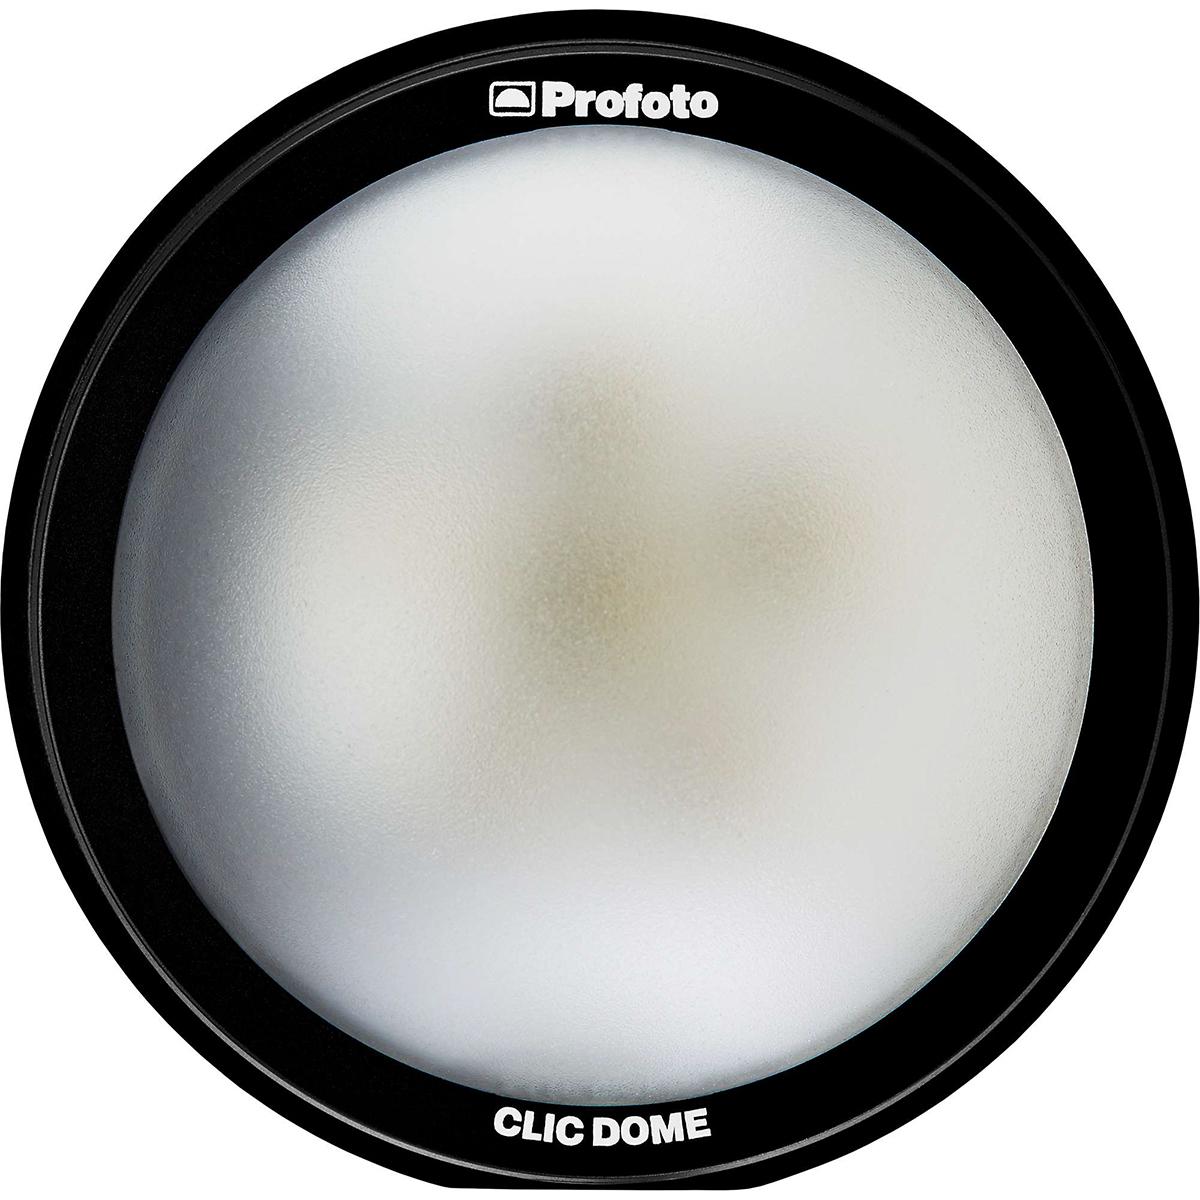 Profoto C1 Plus für € 299,- statt € 499,- Hersteller UVP Stand 3.6.2020